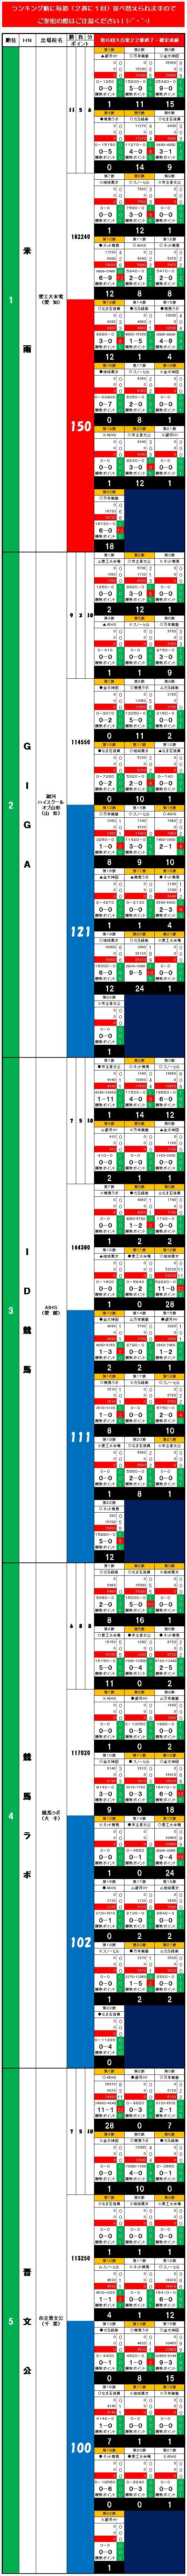 20150504・ダルマンリーグ第22節後半終了個人成績データ①.jpg